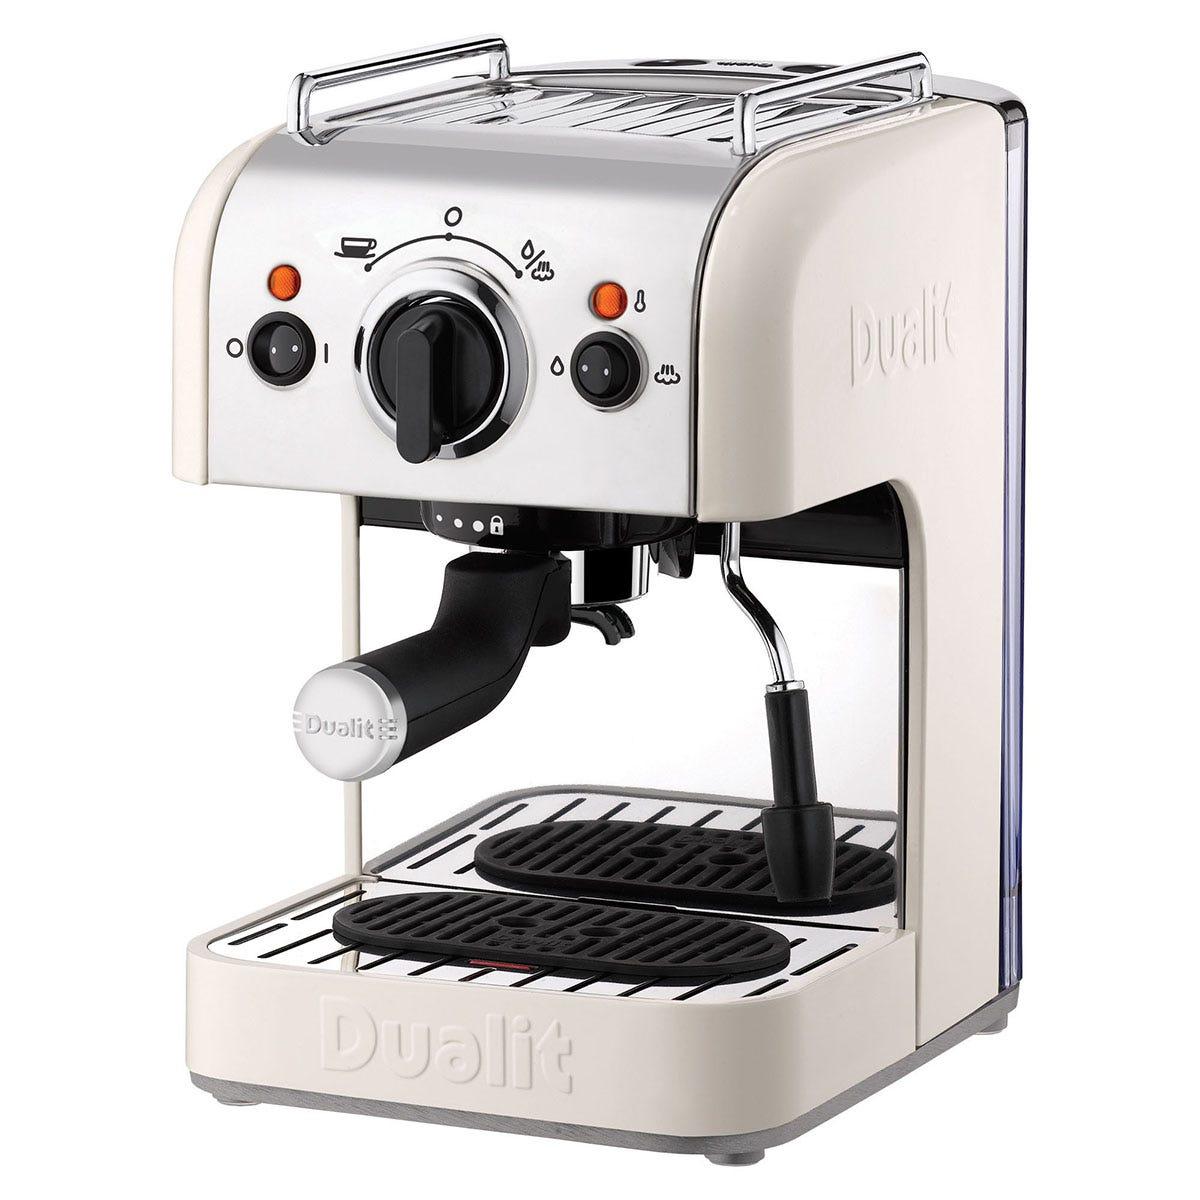 Dualit DA4443 3-in-1 Coffee Machine - Canvas White